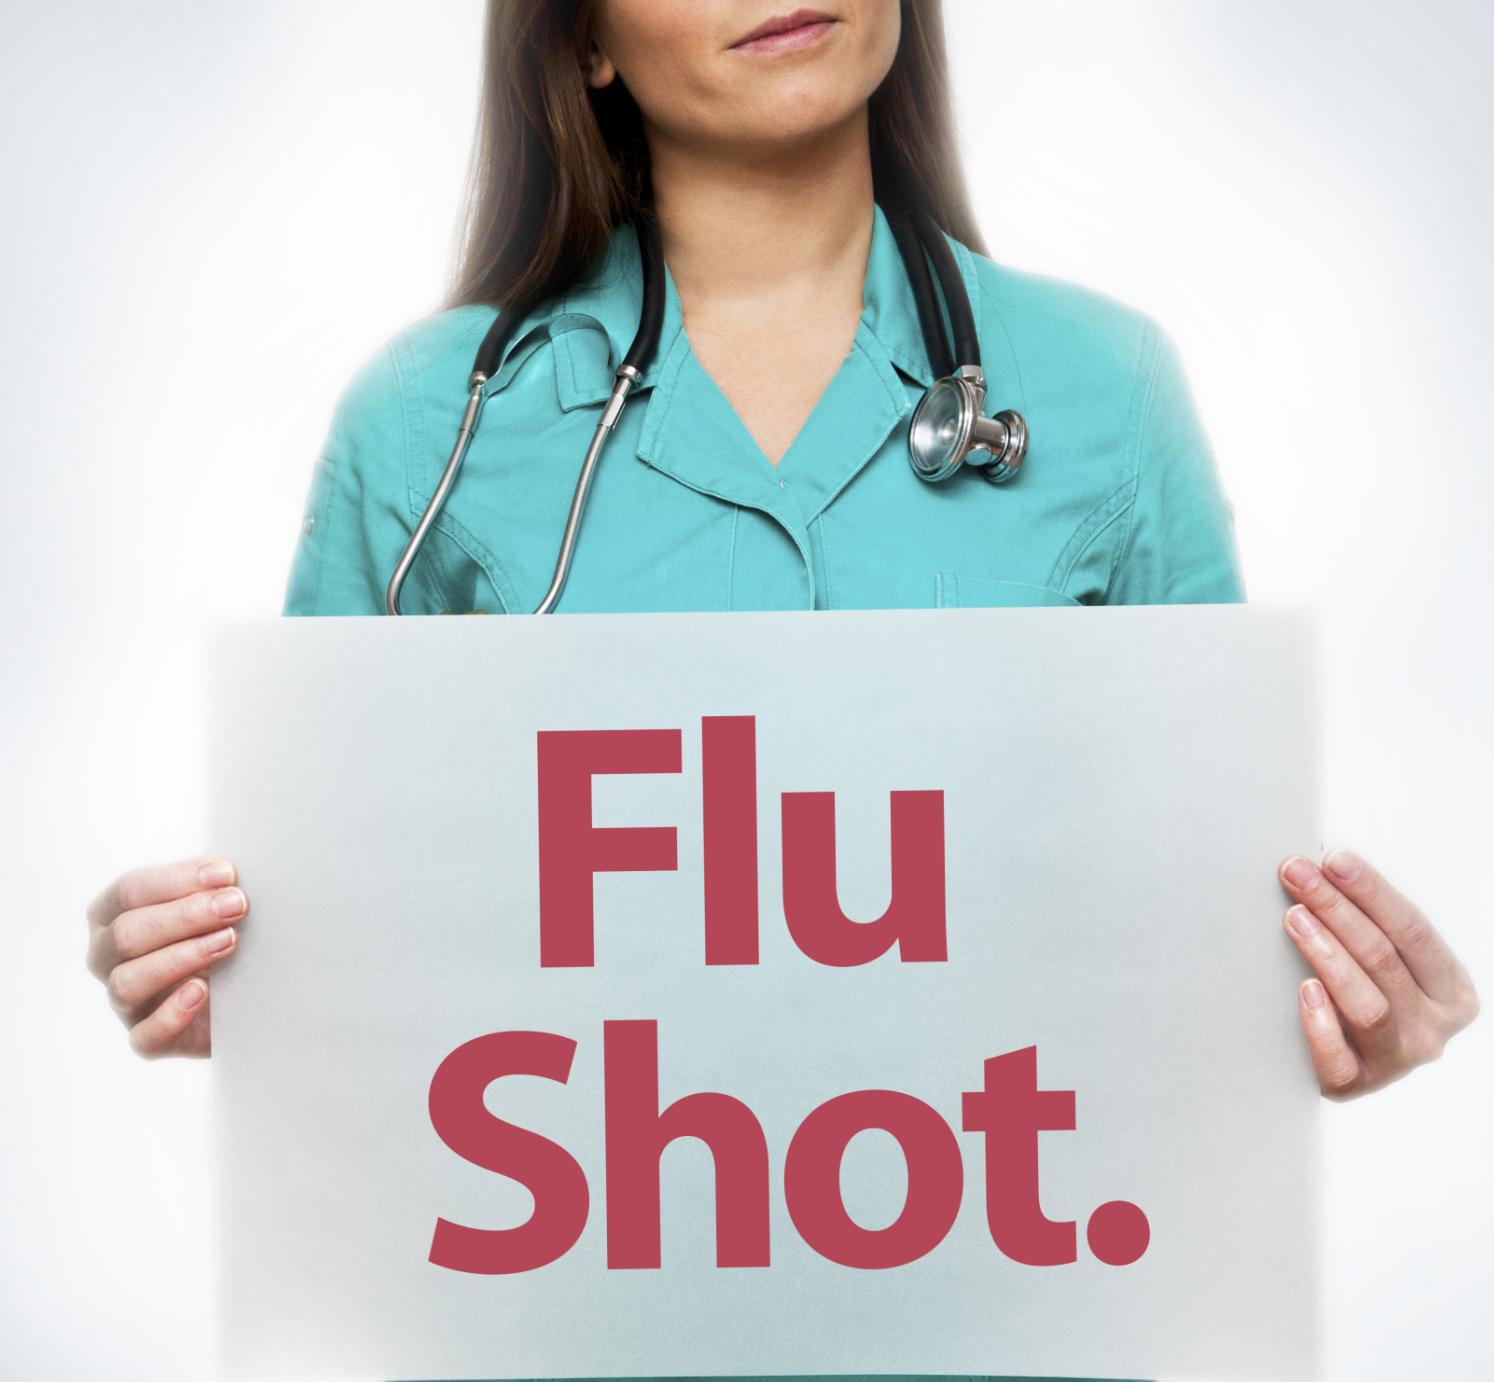 Another flu shot danger